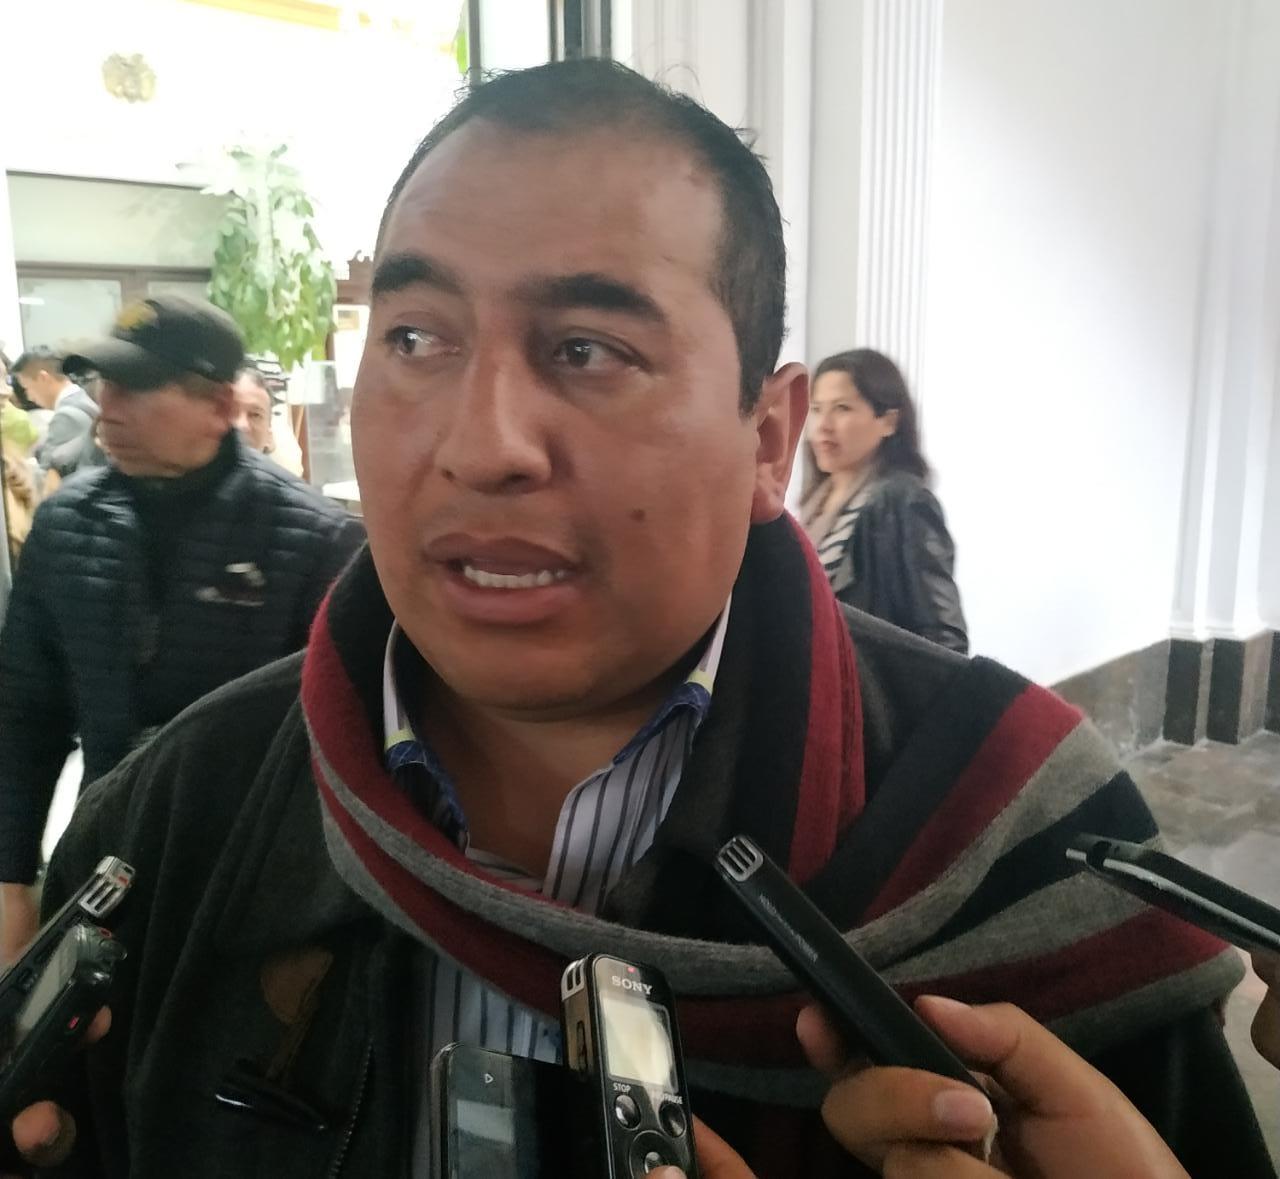 La oposición señala que este martes se reunirán con delegados de la CIDH para abordar el tema del 21F